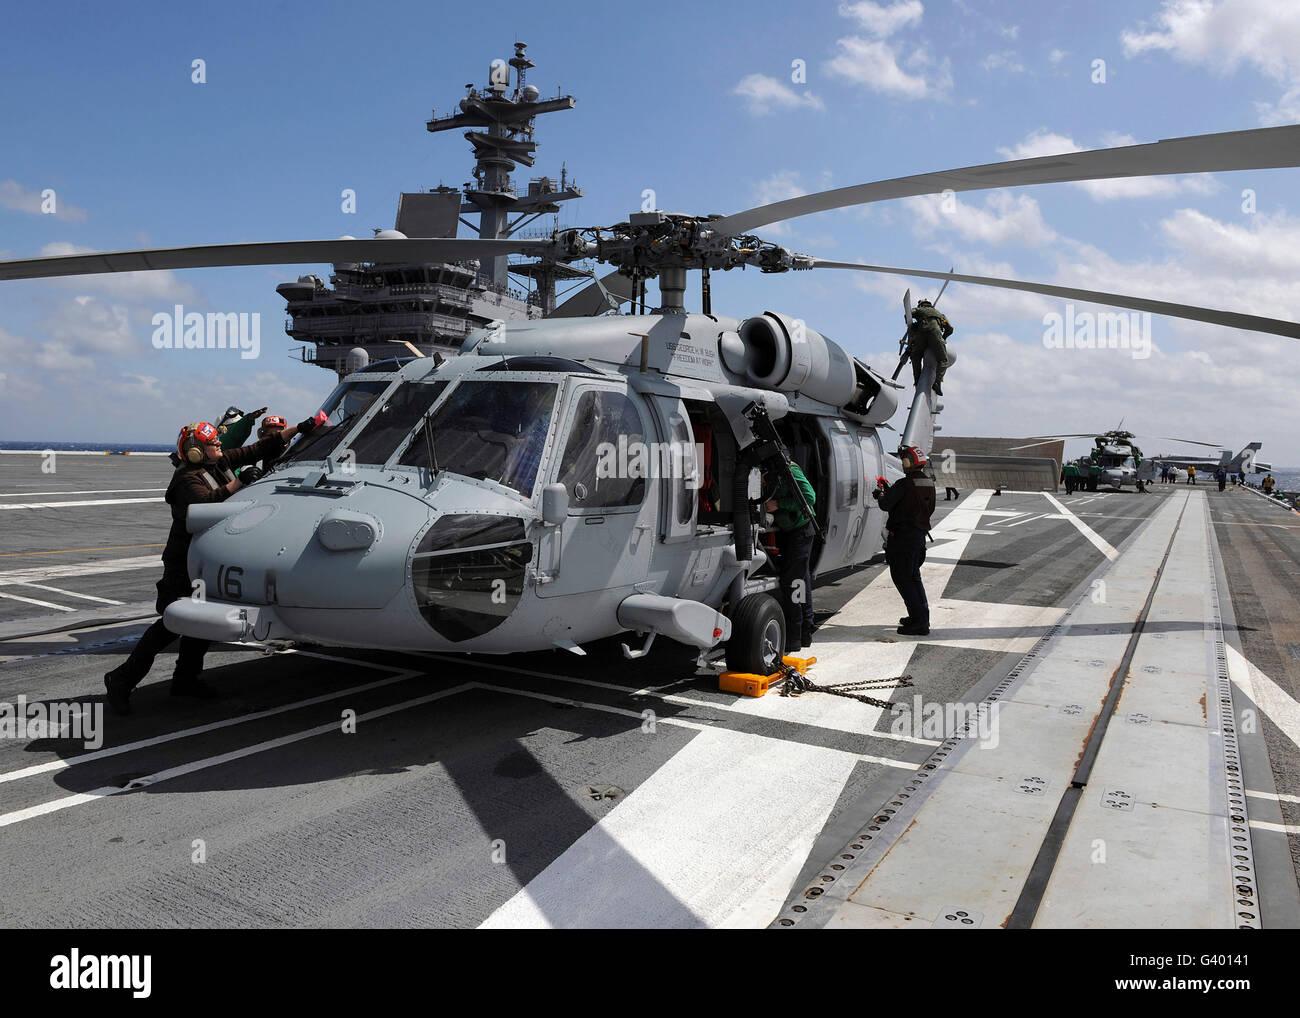 Los miembros de la tripulación preparar un MH-60S Sea Hawk helicóptero a bordo del USS George H.W. Bush. Imagen De Stock